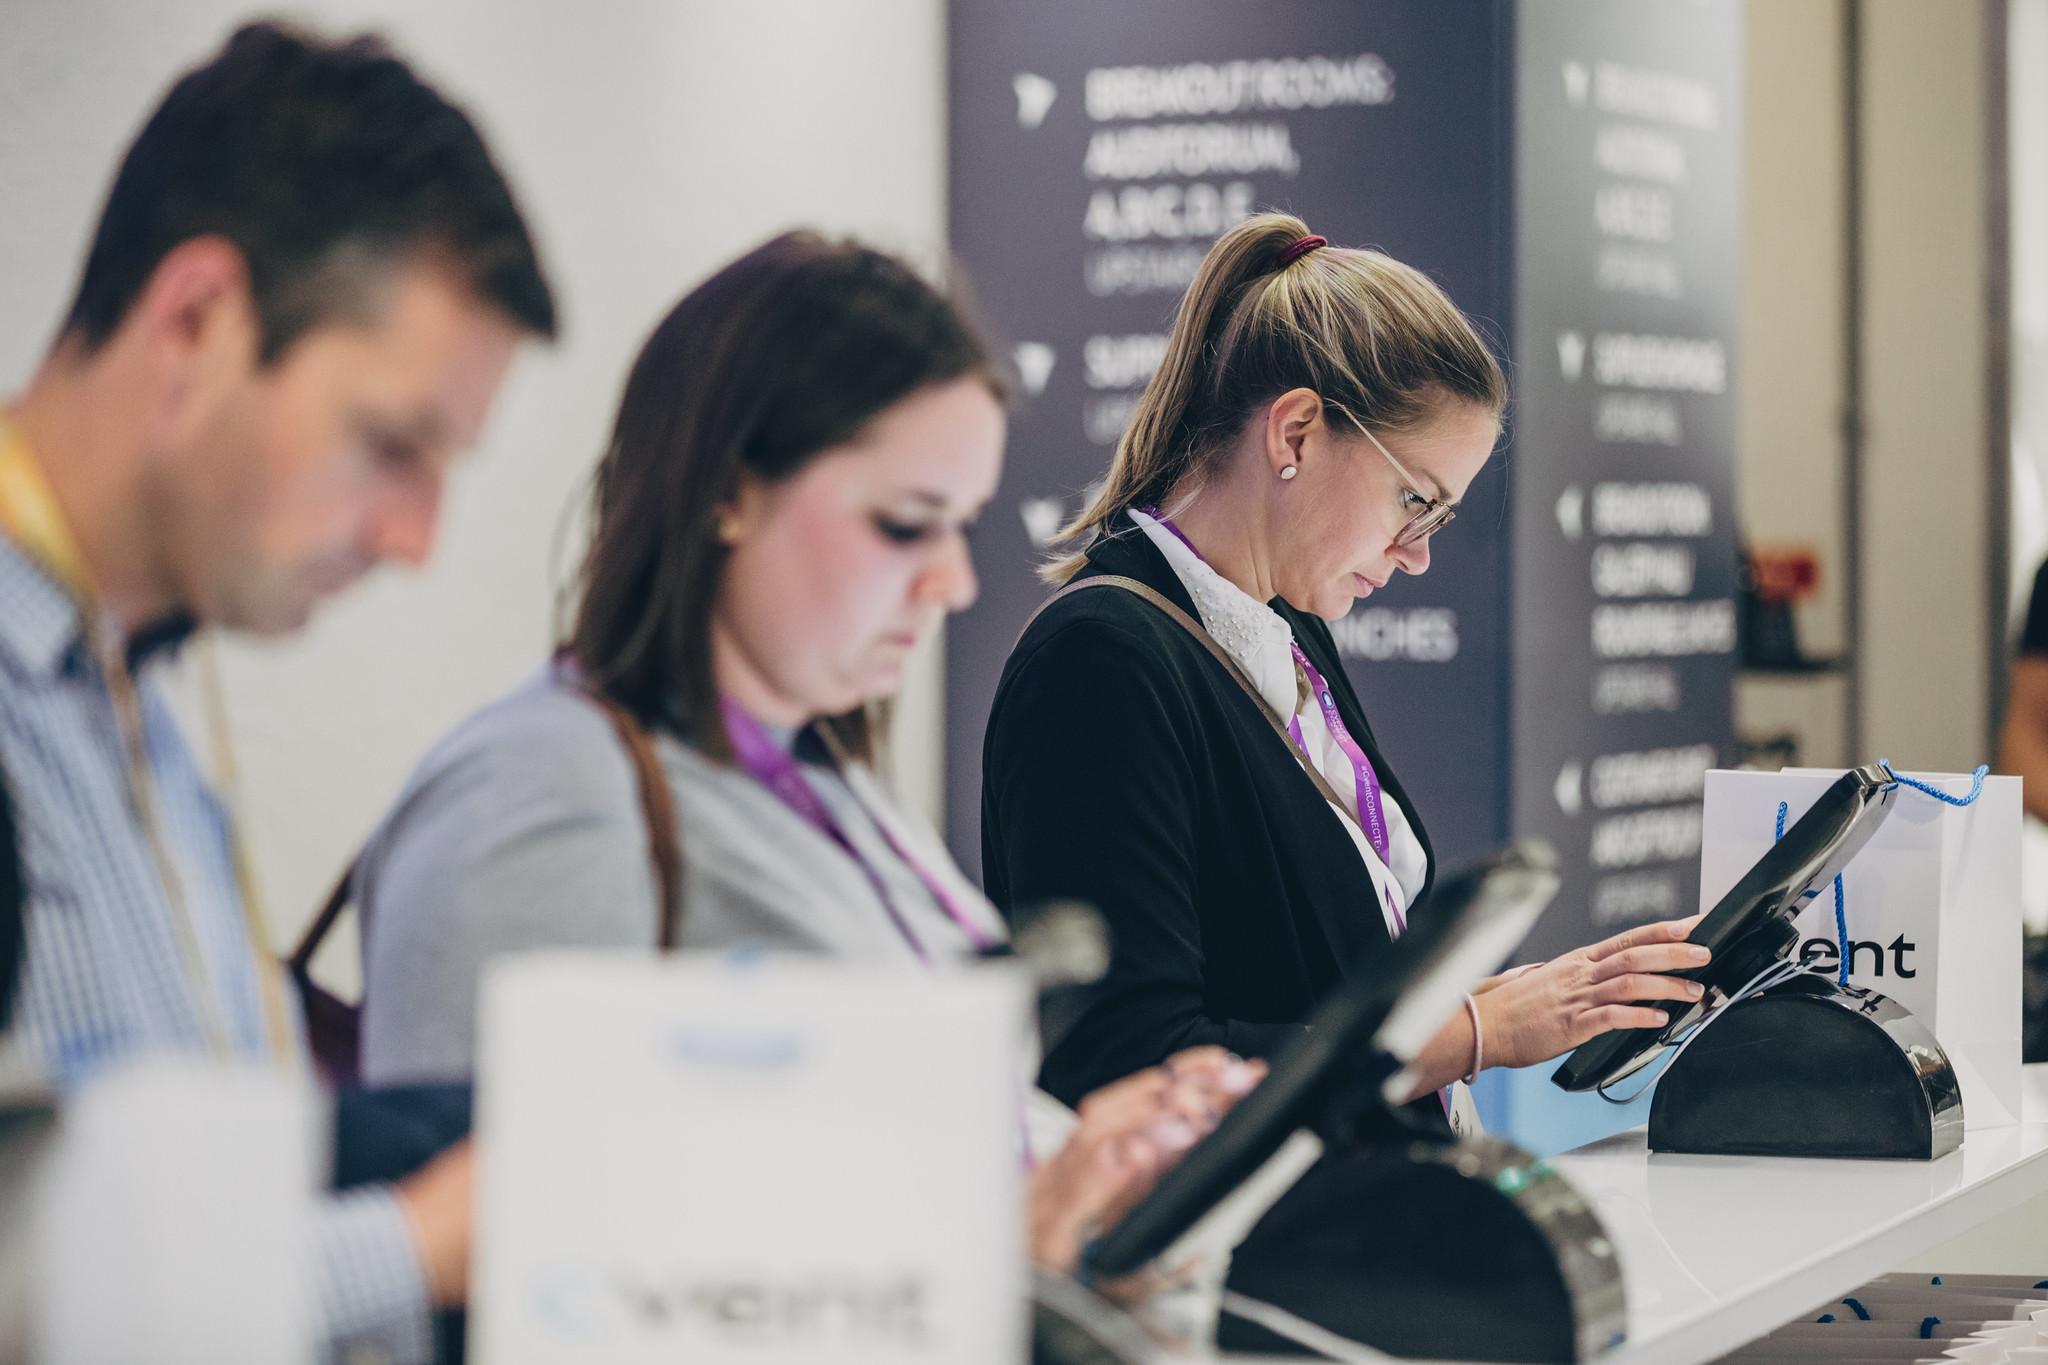 Check-In Bereich mit Terminals auf Veranstaltung